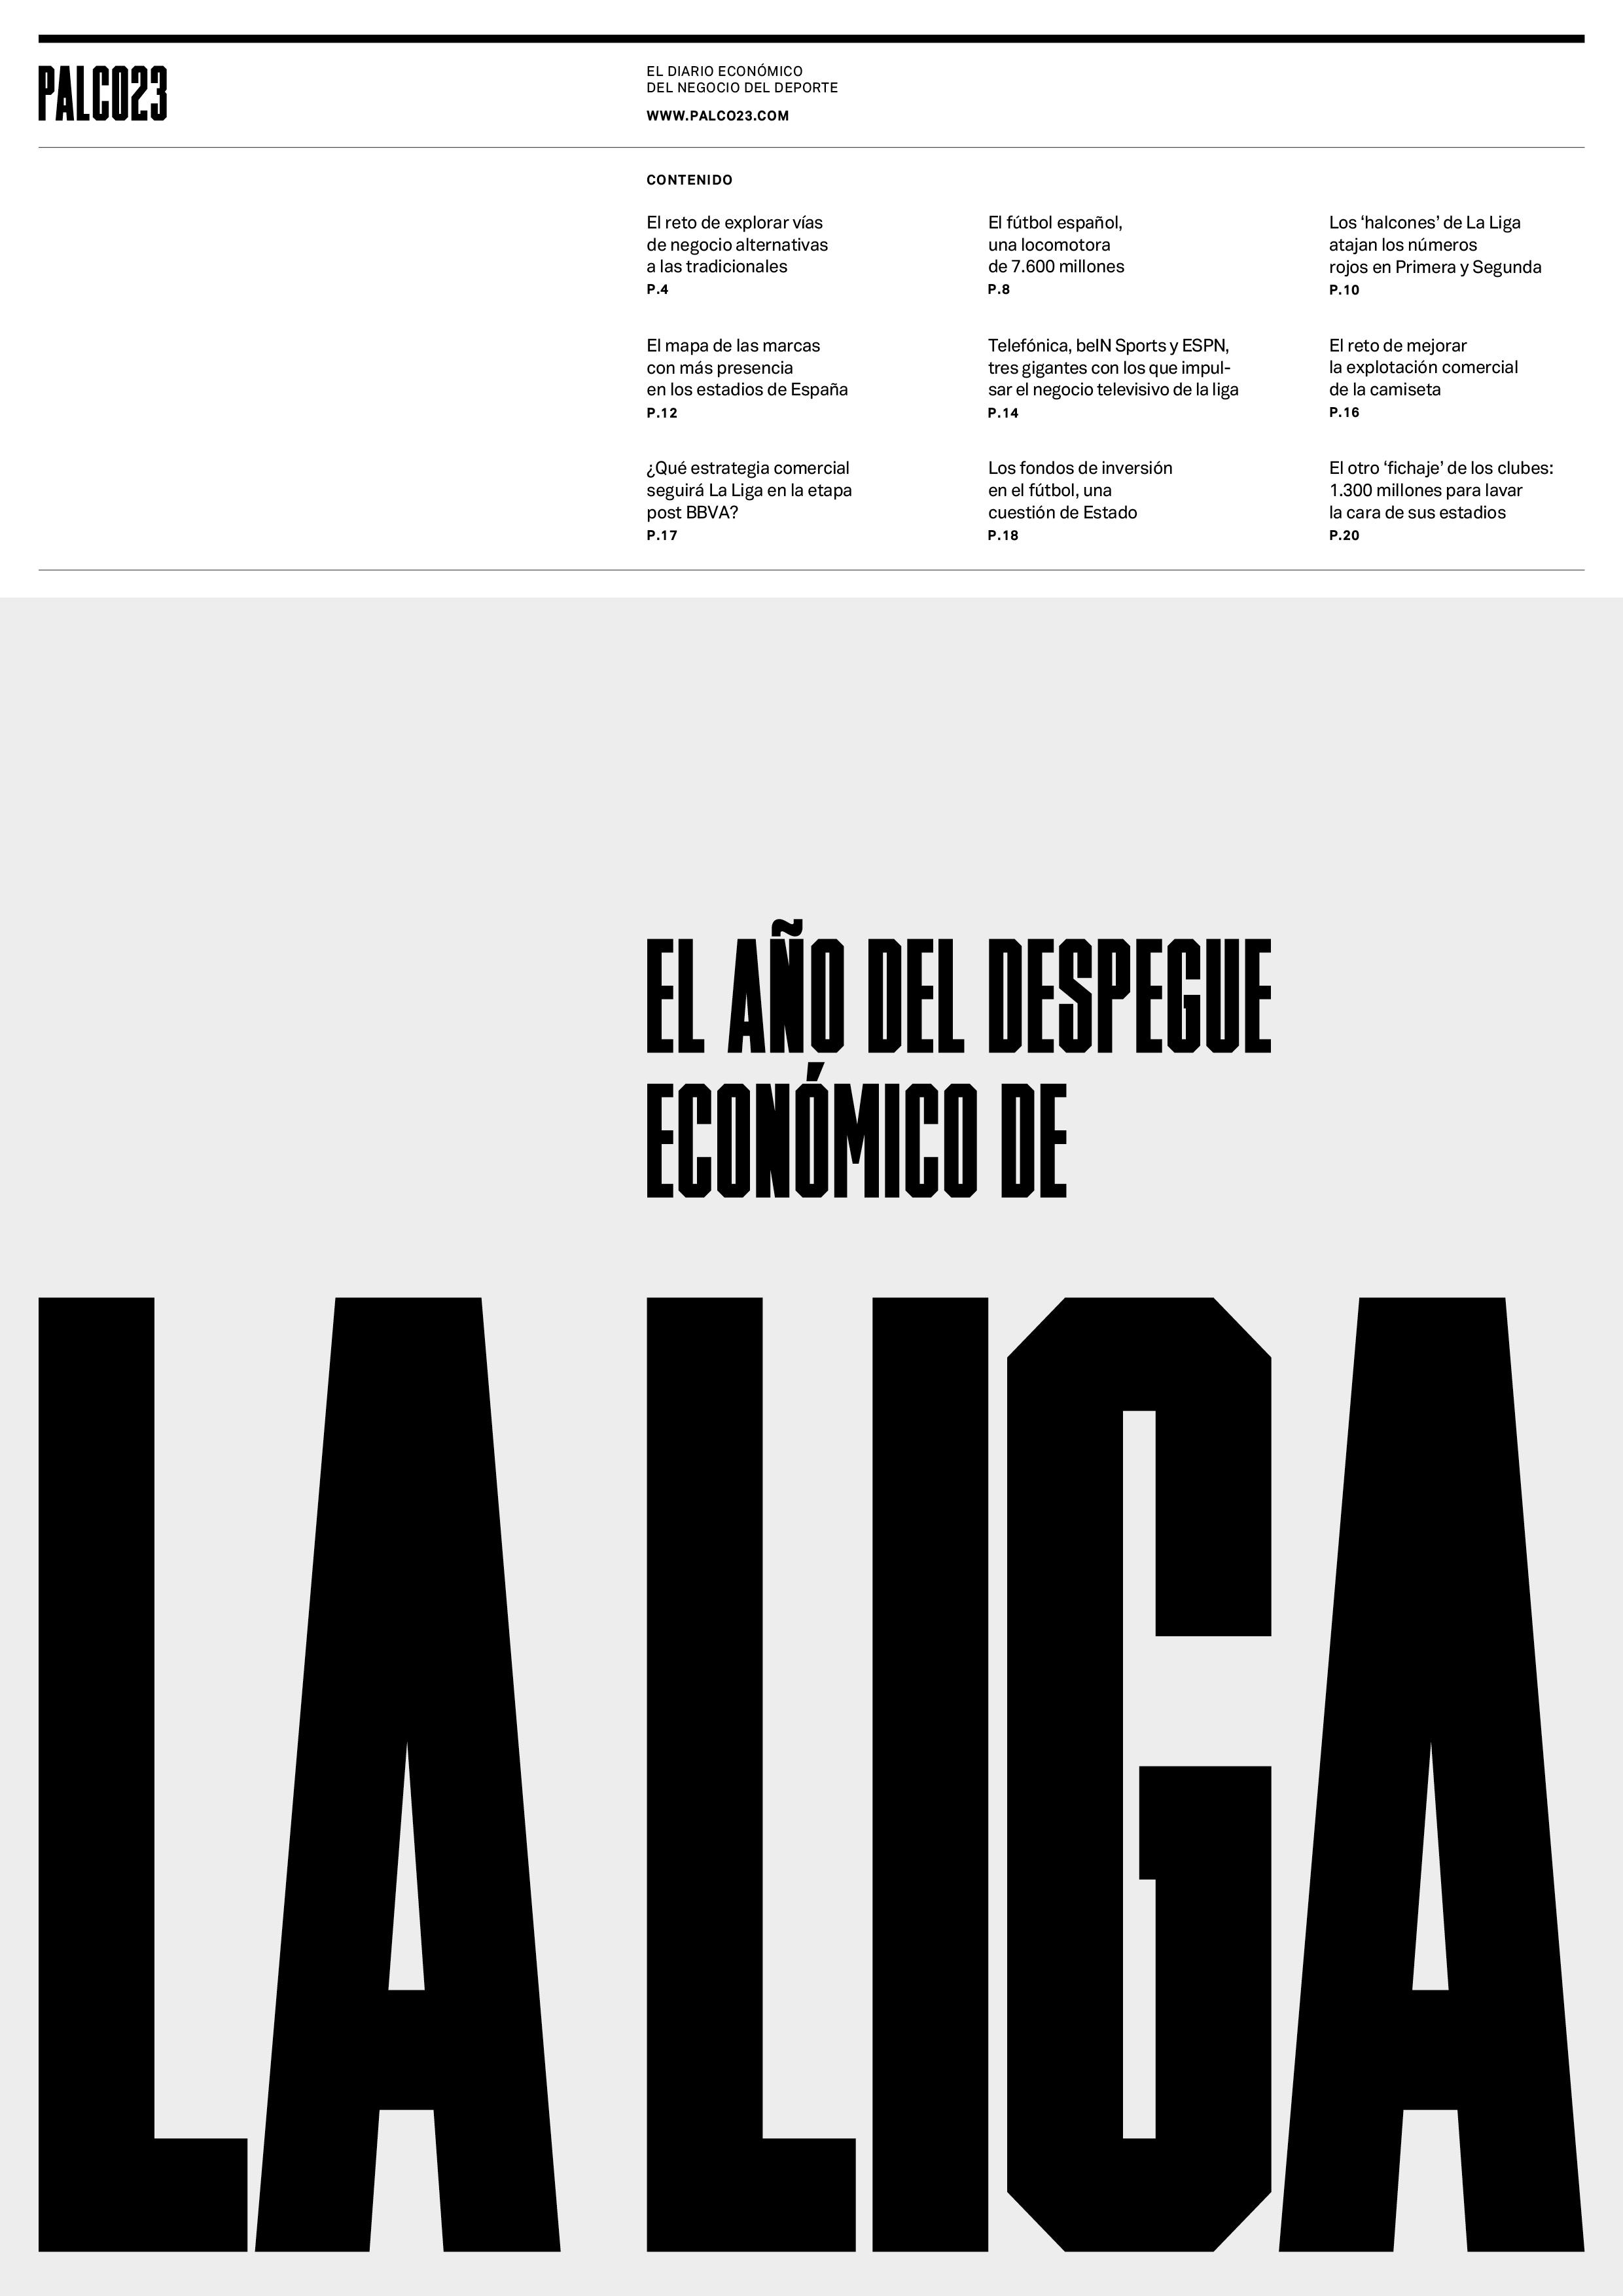 Dossier El año del despegue económico de La Liga a5b61ea78ca45